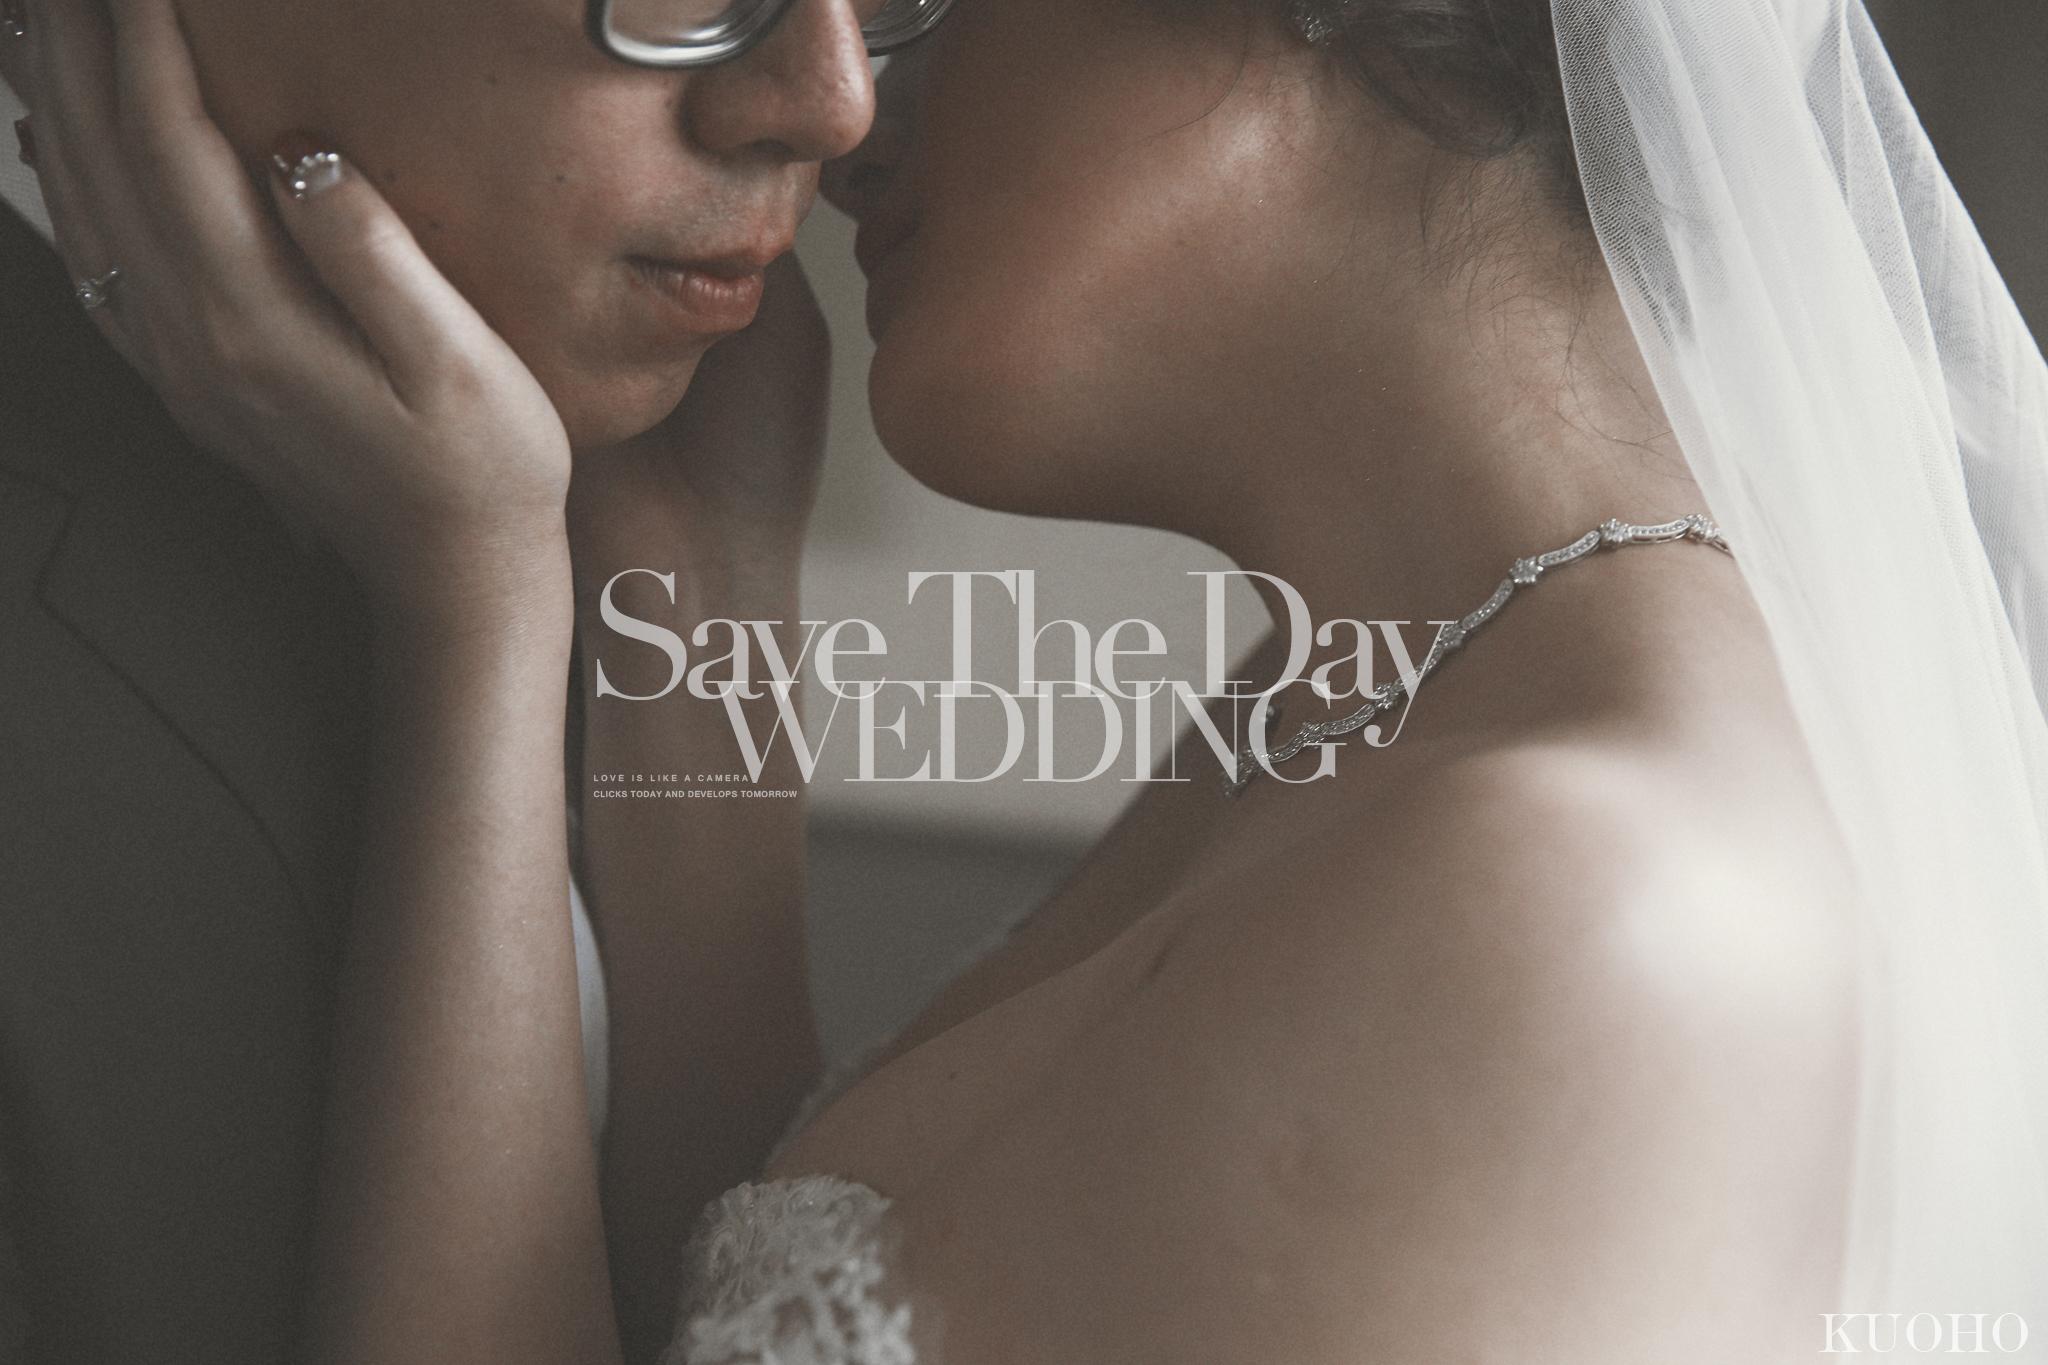 婚禮紀錄,台中婚禮紀錄,台北婚禮紀錄,台北萬豪酒店,婚禮攝影,全球旅拍